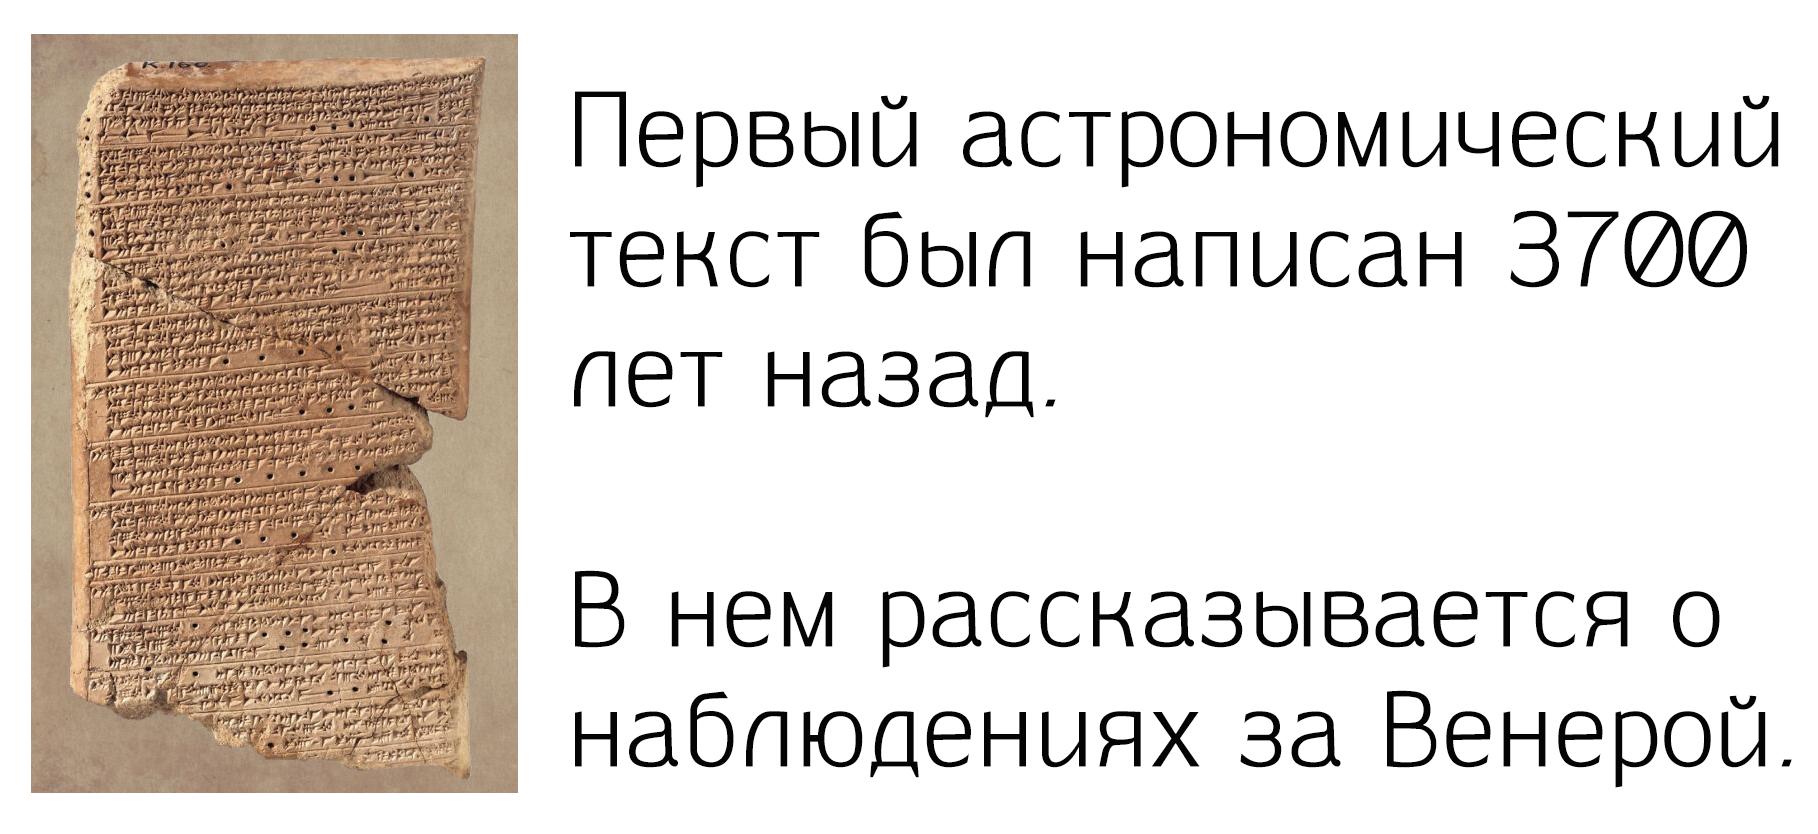 1610616718_18.jpg